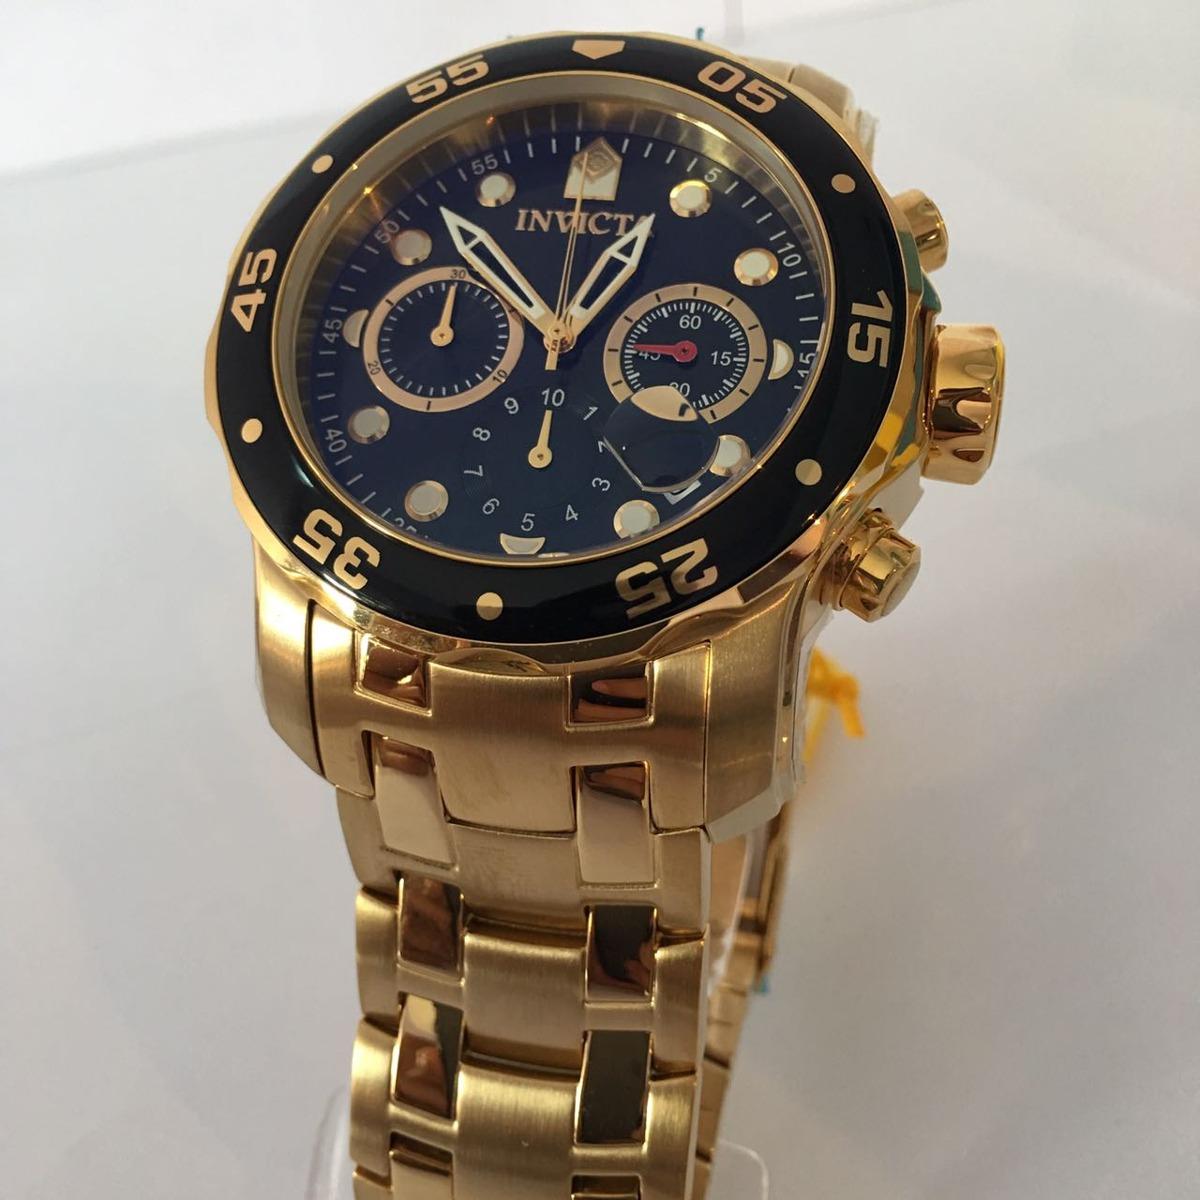 72edb629764 relógio invicta masculino 0072 pro diver 48mm banhado a ouro. Carregando  zoom.